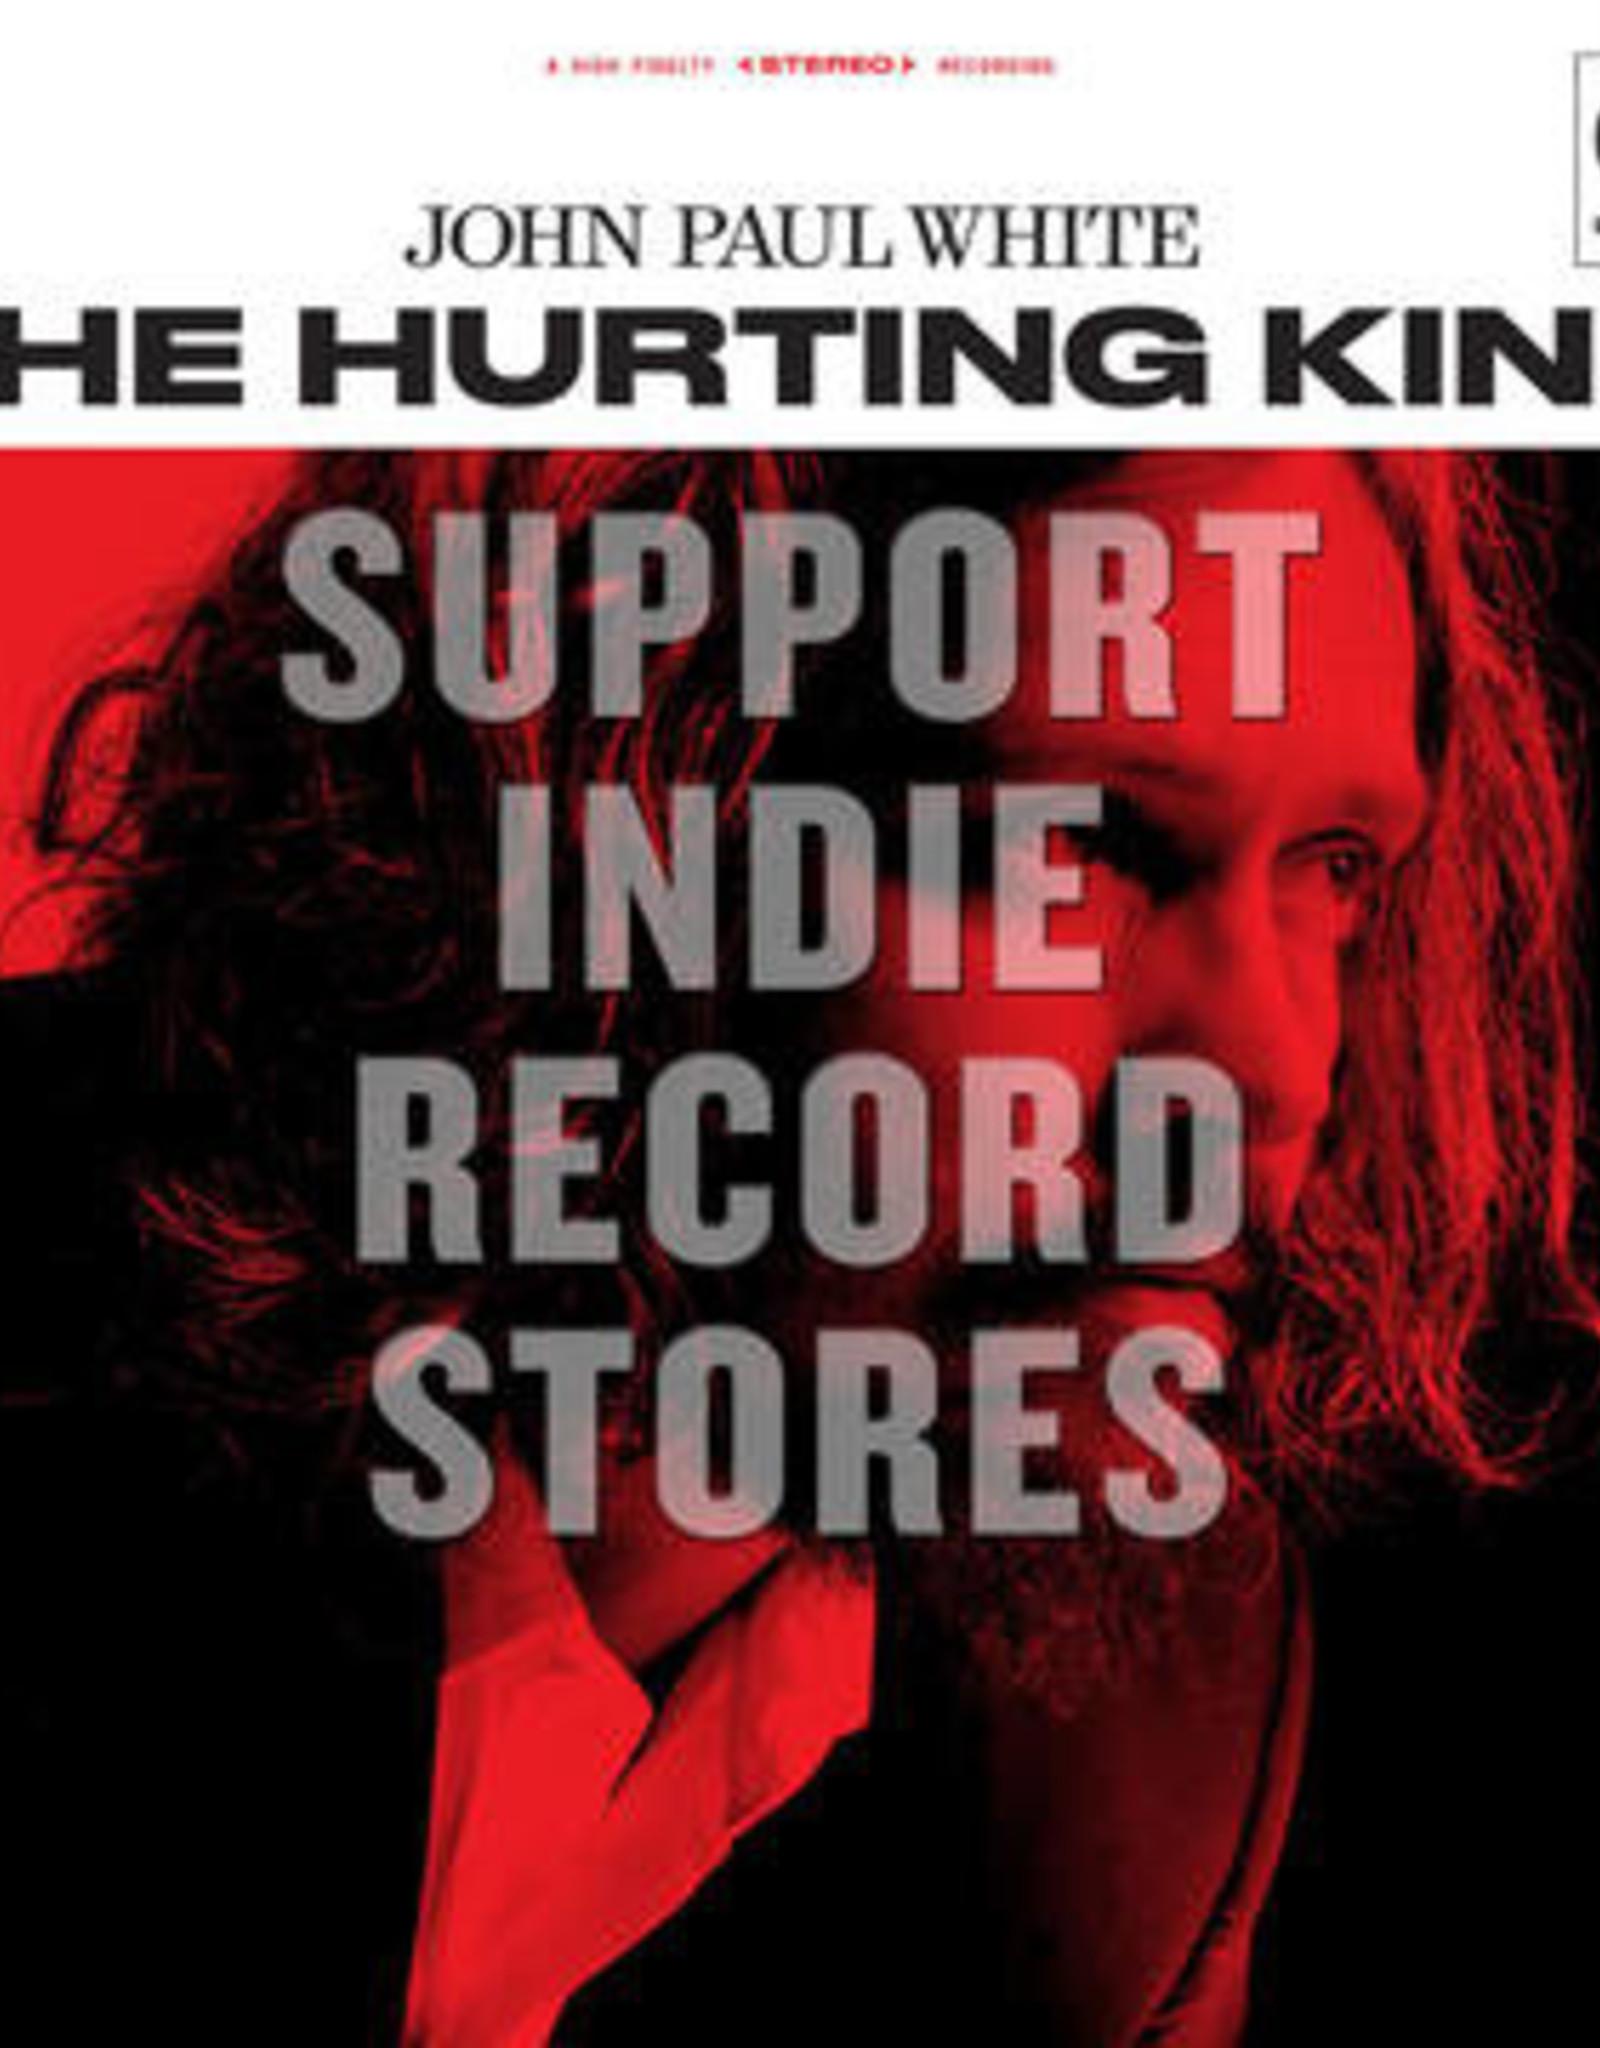 John Paul White - Hurting Kind (Deluxe/Bonus 7 Inch) (RSD 2019)